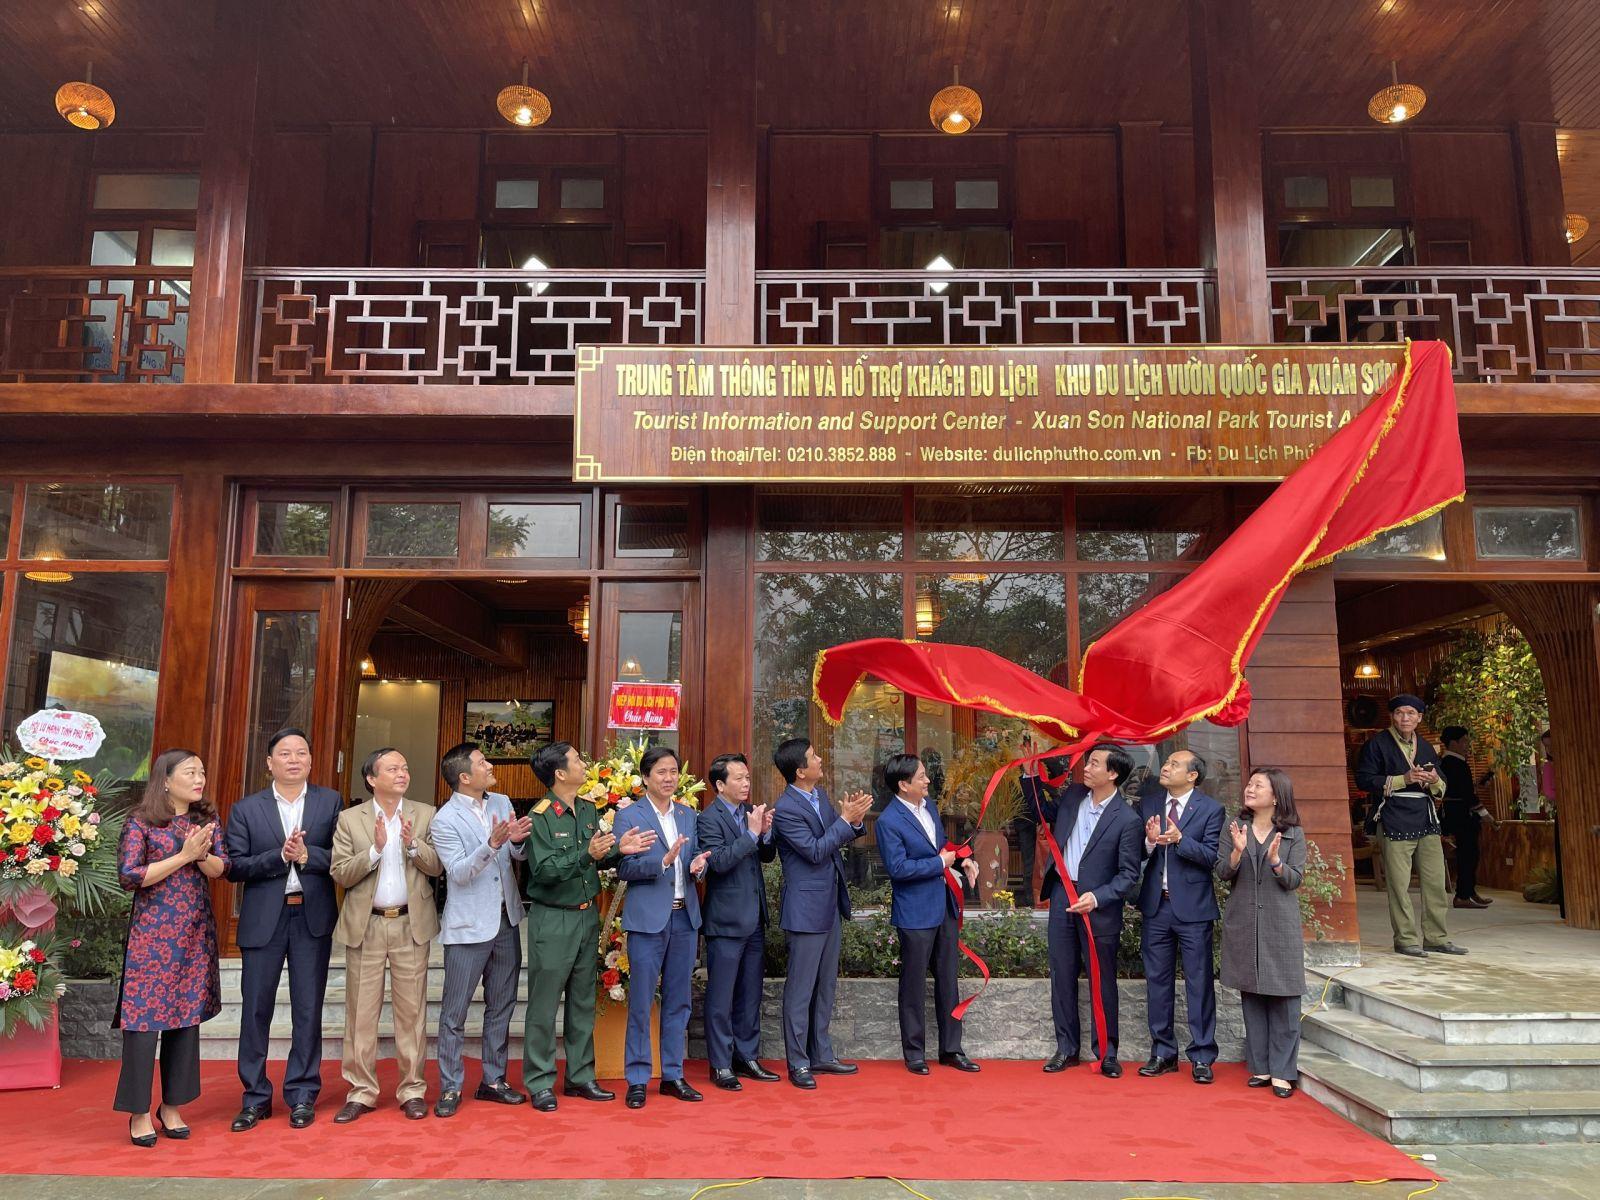 Các đồng chí lãnh đạo tỉnh Phú Thọ kéo rèm chính thức đưa trung tâm thông tin và hỗ trợ khách du lịch vào hoạt động